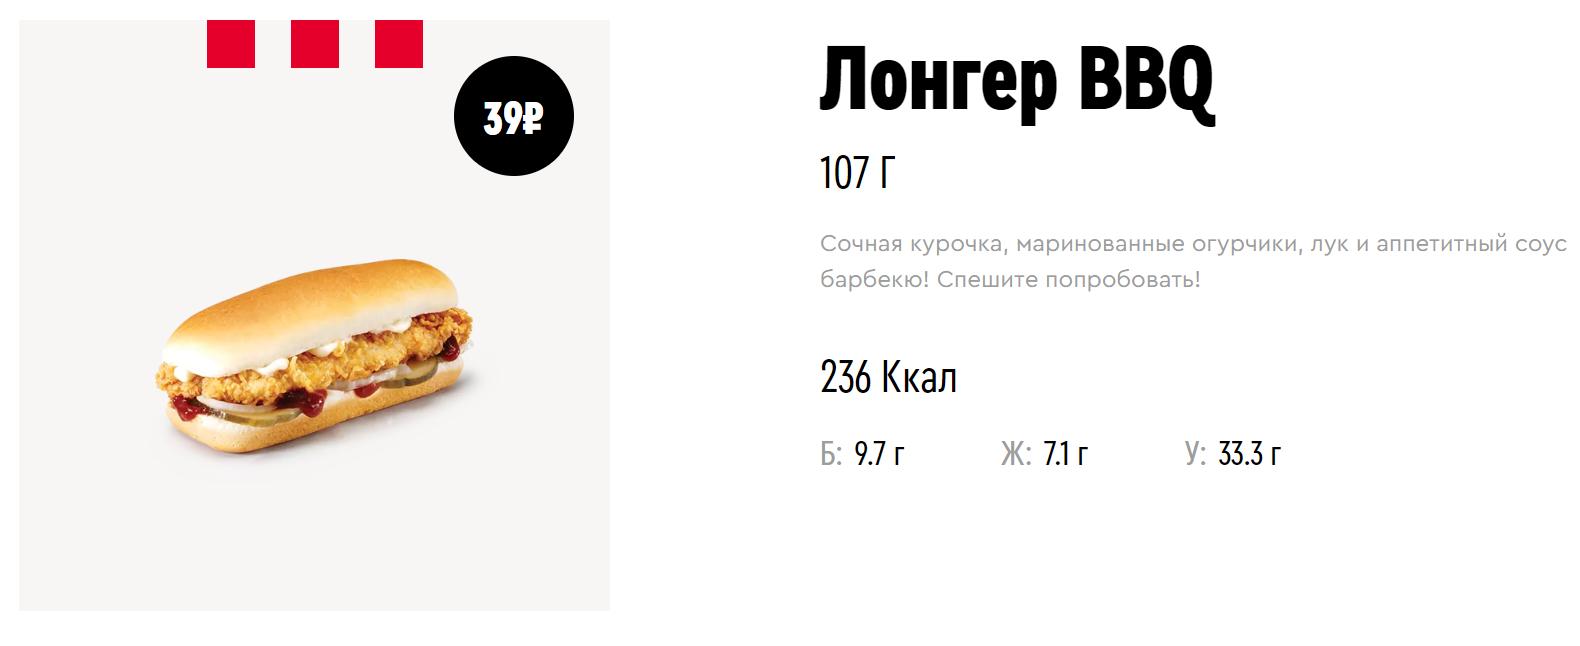 39ЛонгерBBQ.png